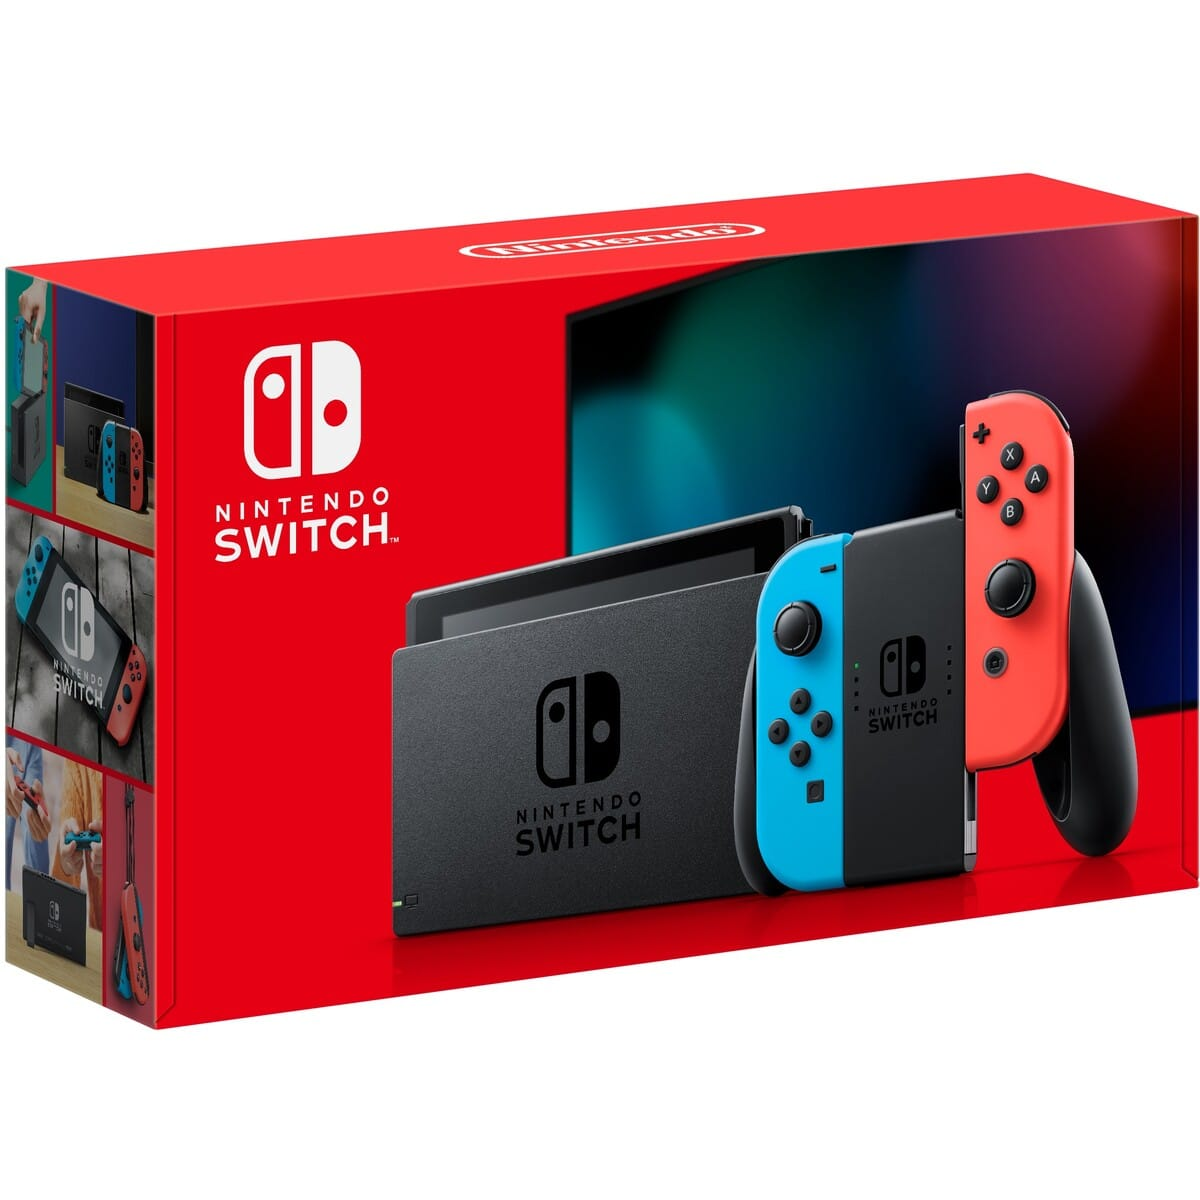 Nintendo Switch Bundle 349 99 Costco Ymmv Met de verschillende kleurvarianten zoals blauw/rood of grijs heb je. nintendo switch bundle 349 99 costco ymmv